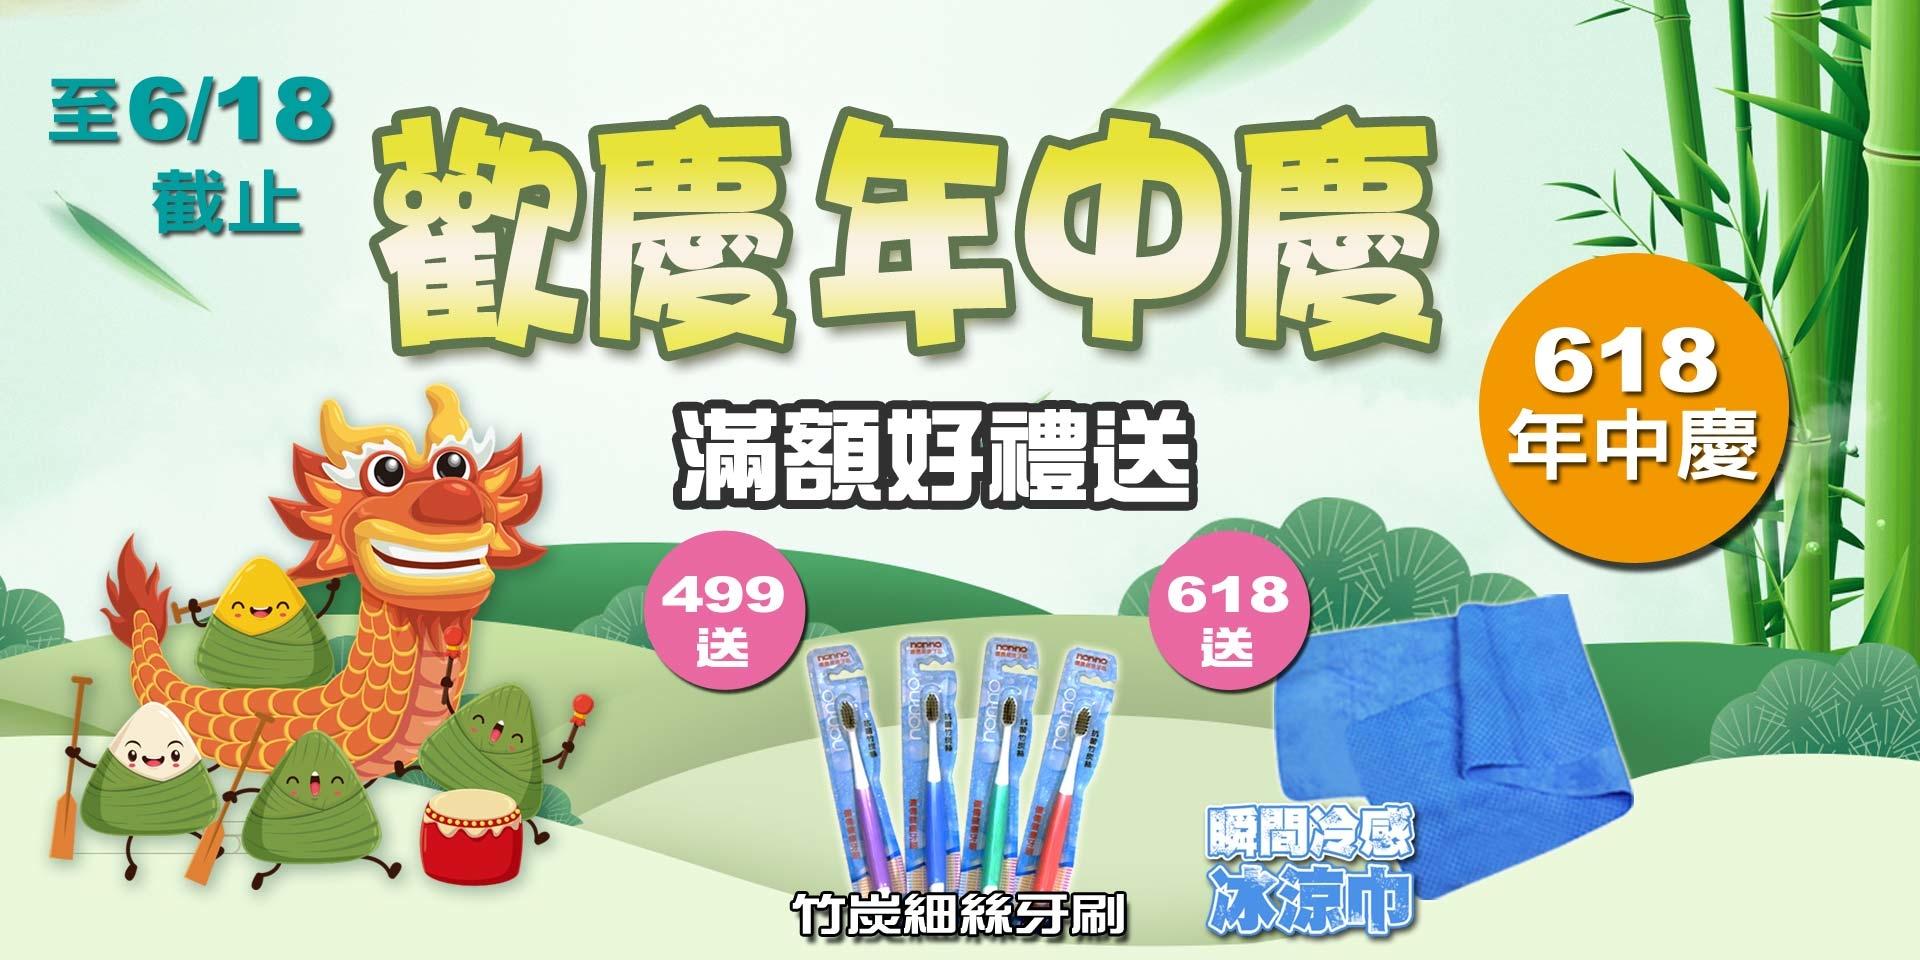 歡慶618年中慶~滿499送竹炭牙刷、滿618元送冰涼巾!